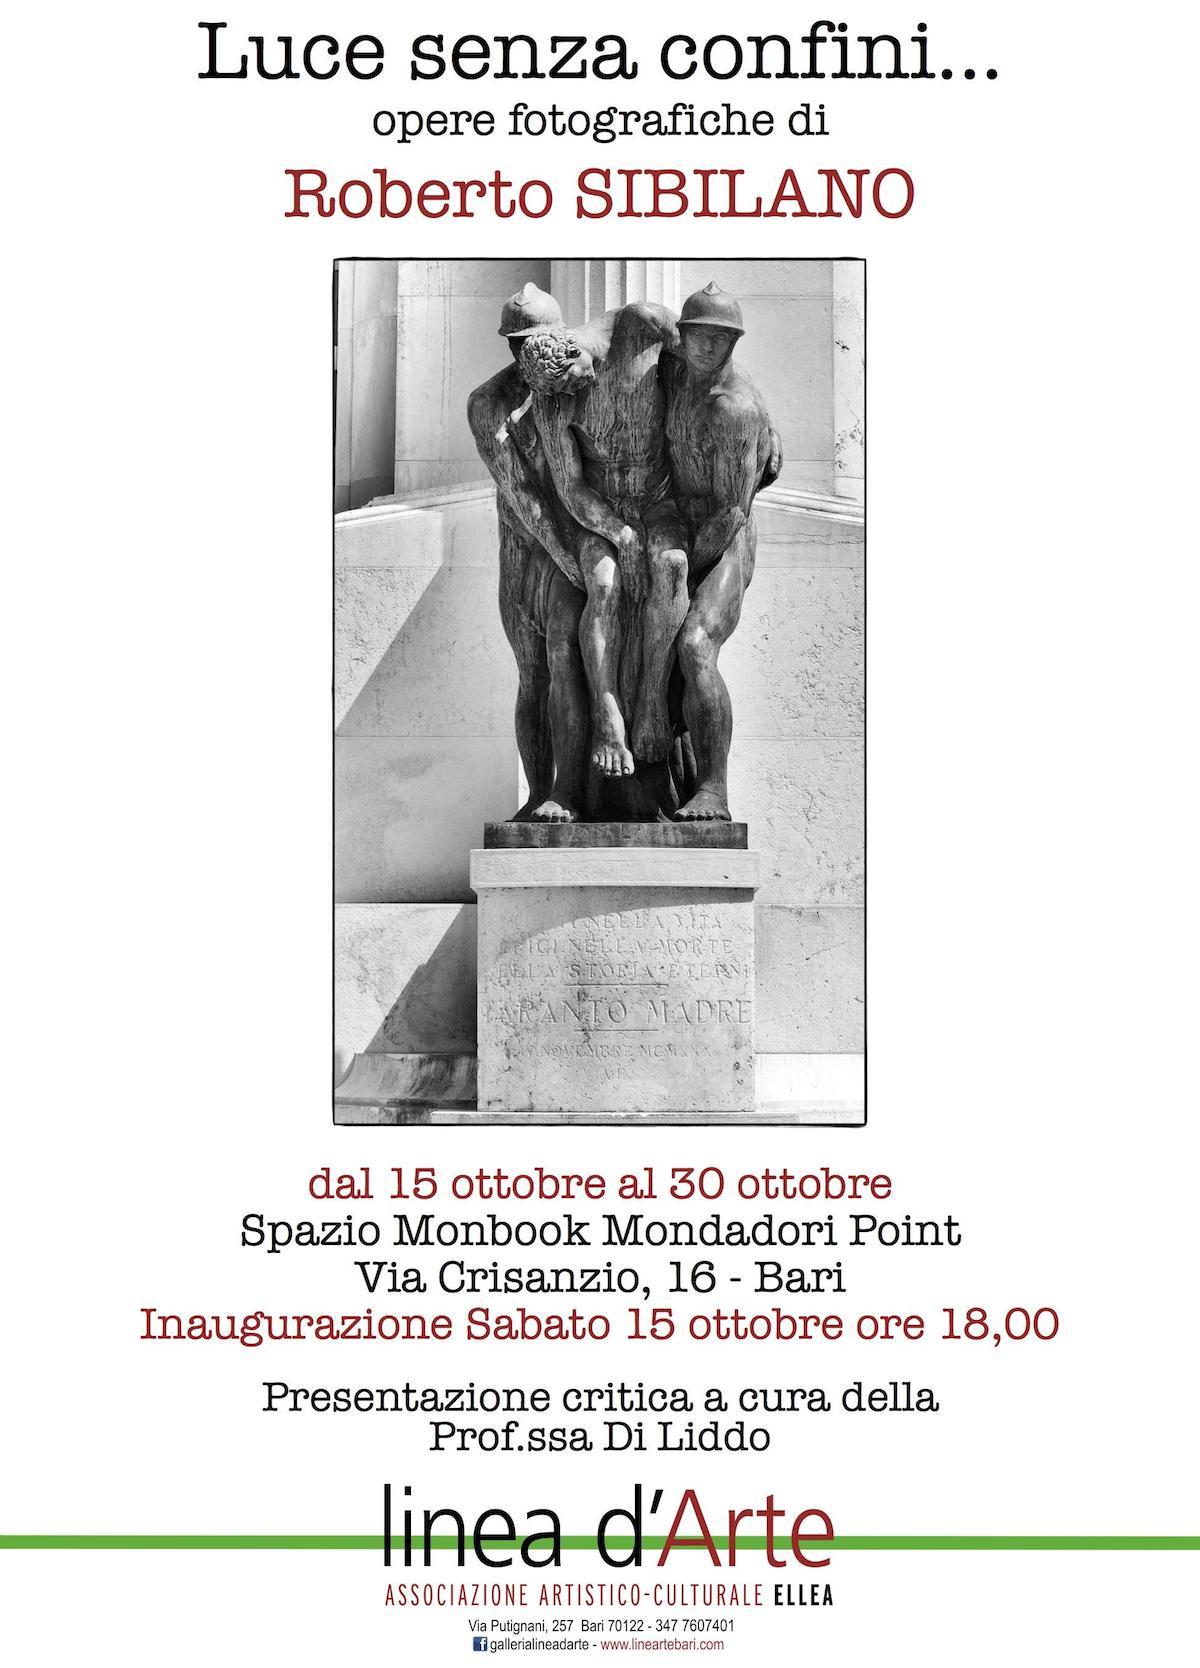 mostra-luce-senza-confini-opere-fotografiche-roberto-sibilano-bari-dal-15-al-30-ottobre-2016